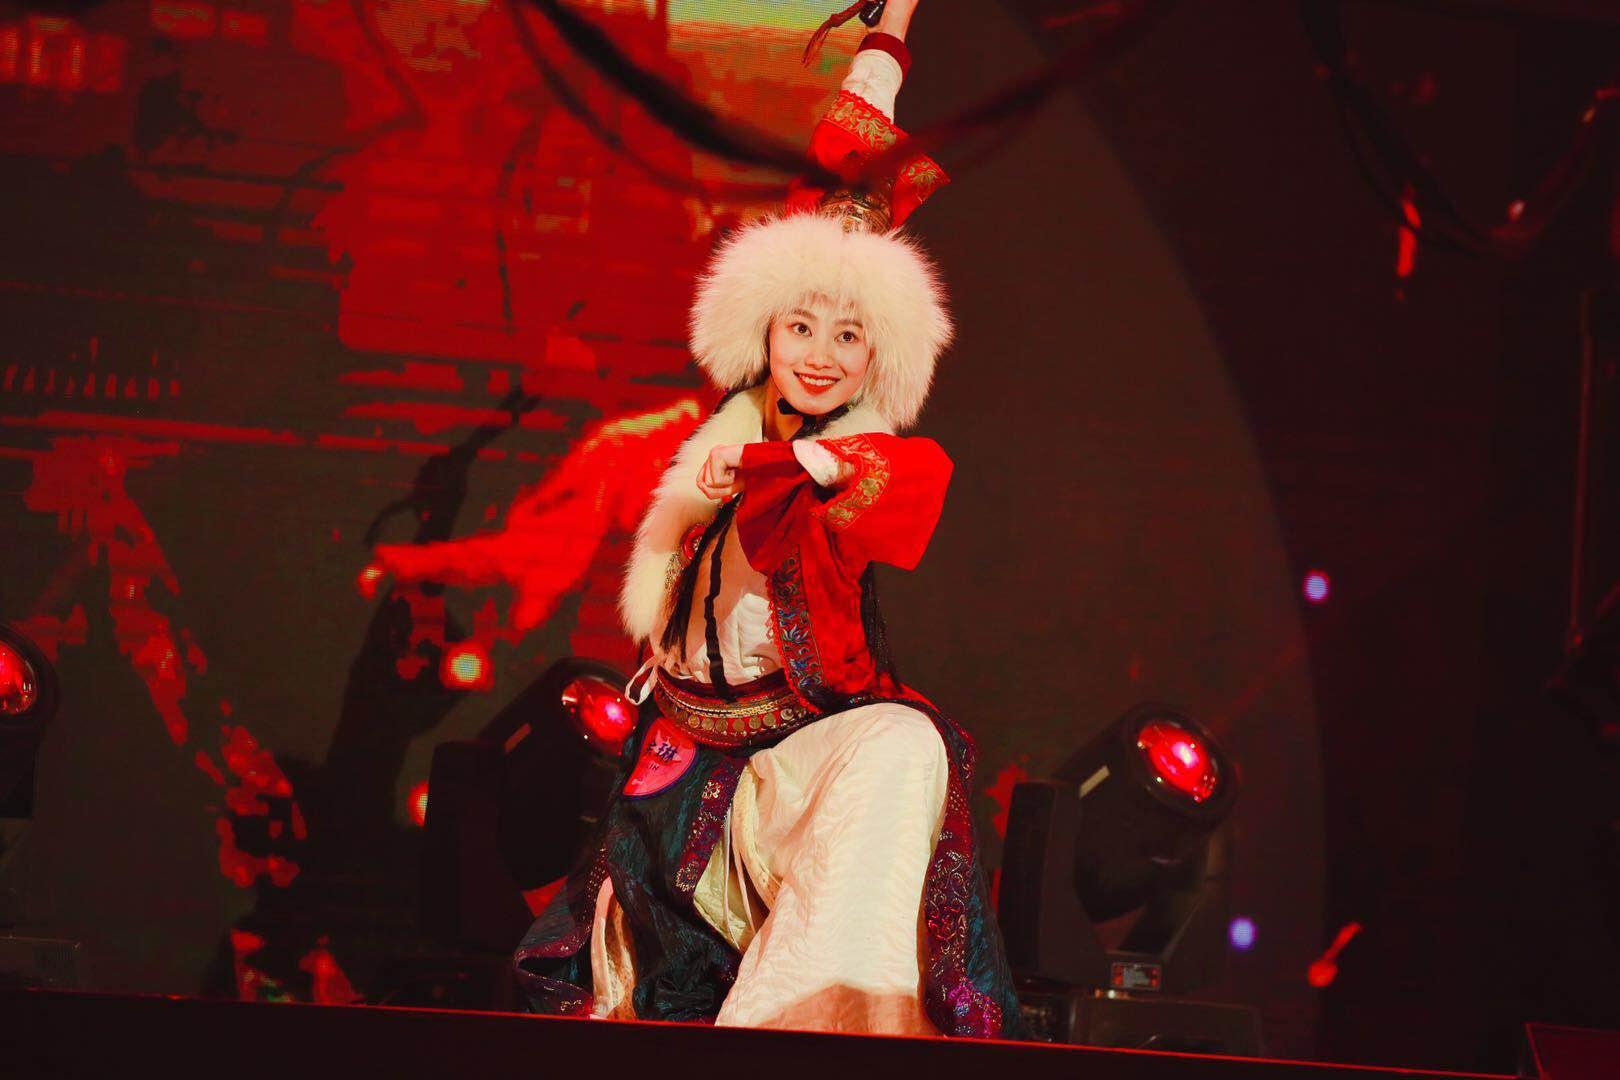 《演员的品格》徐琳上演绝地反击,胡人少女英气侧漏戏文人